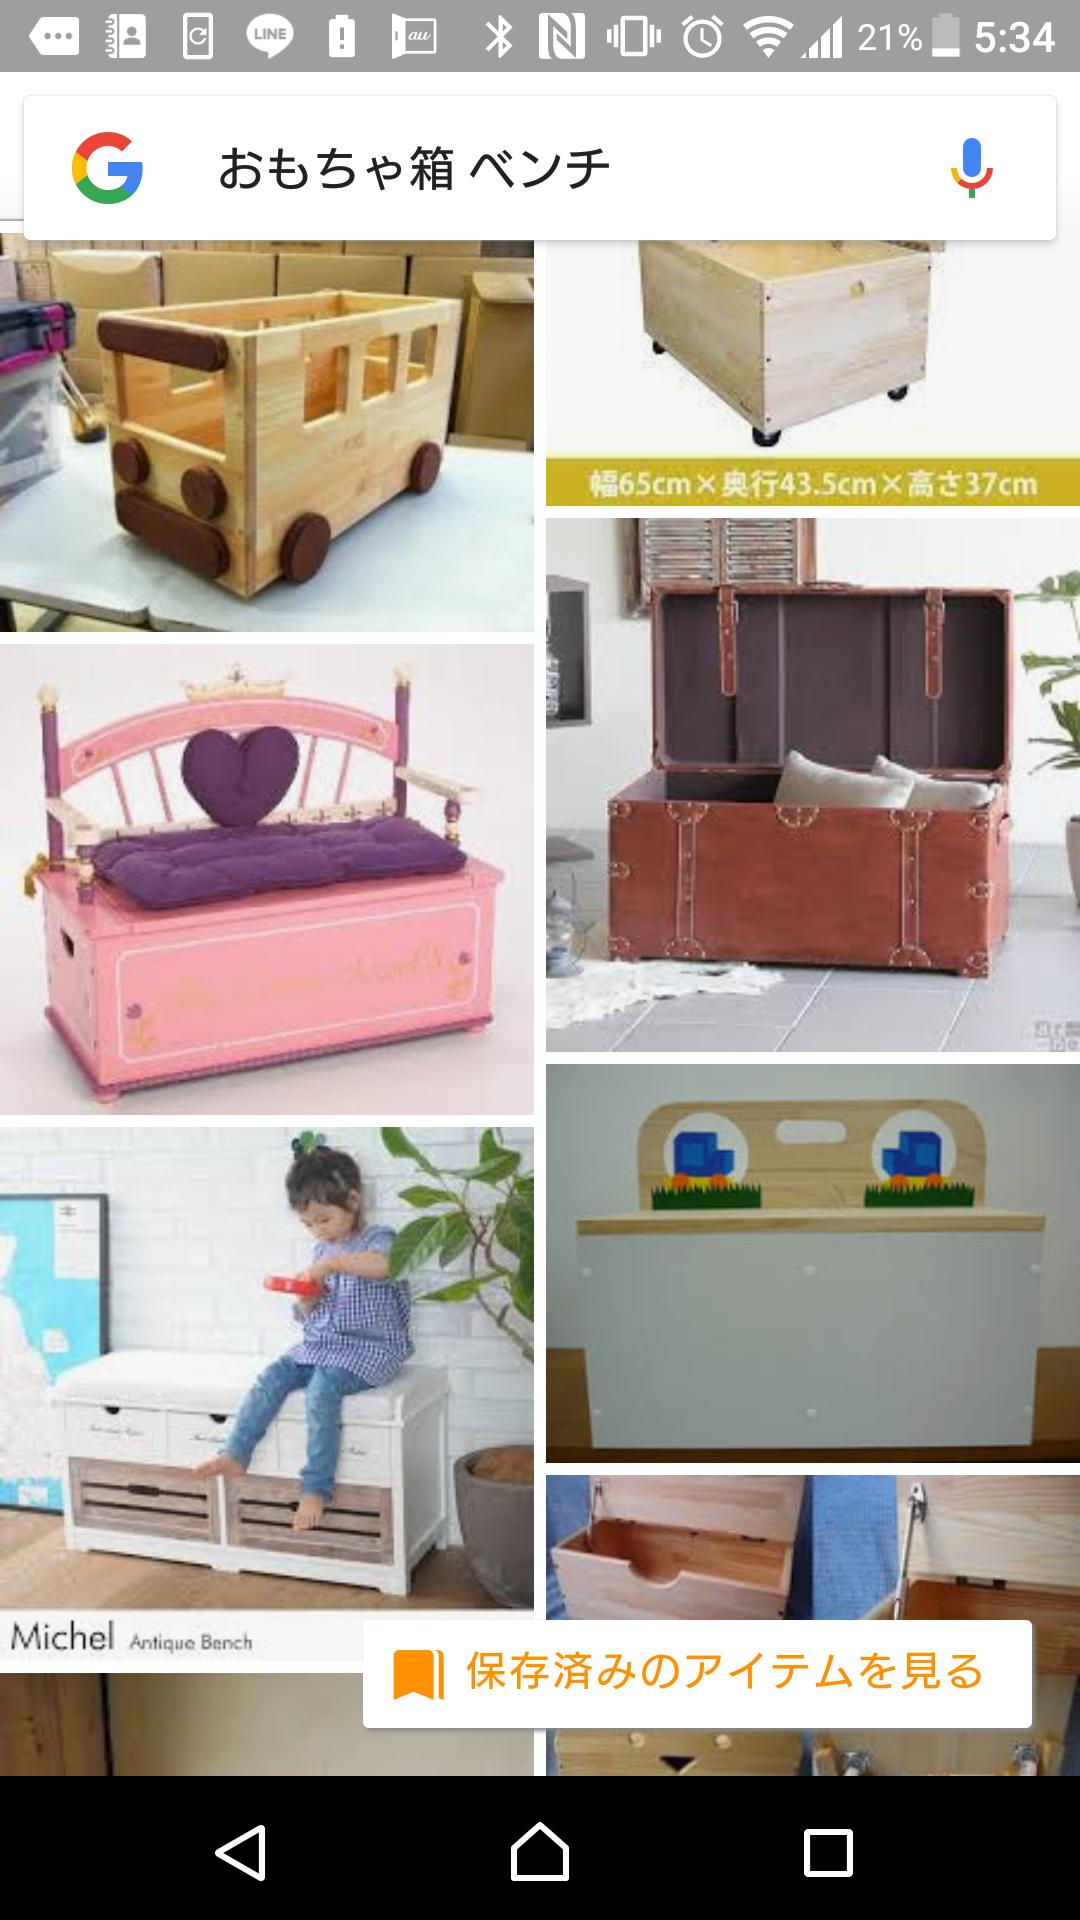 子供がおもちゃを大事に扱えるようにするには